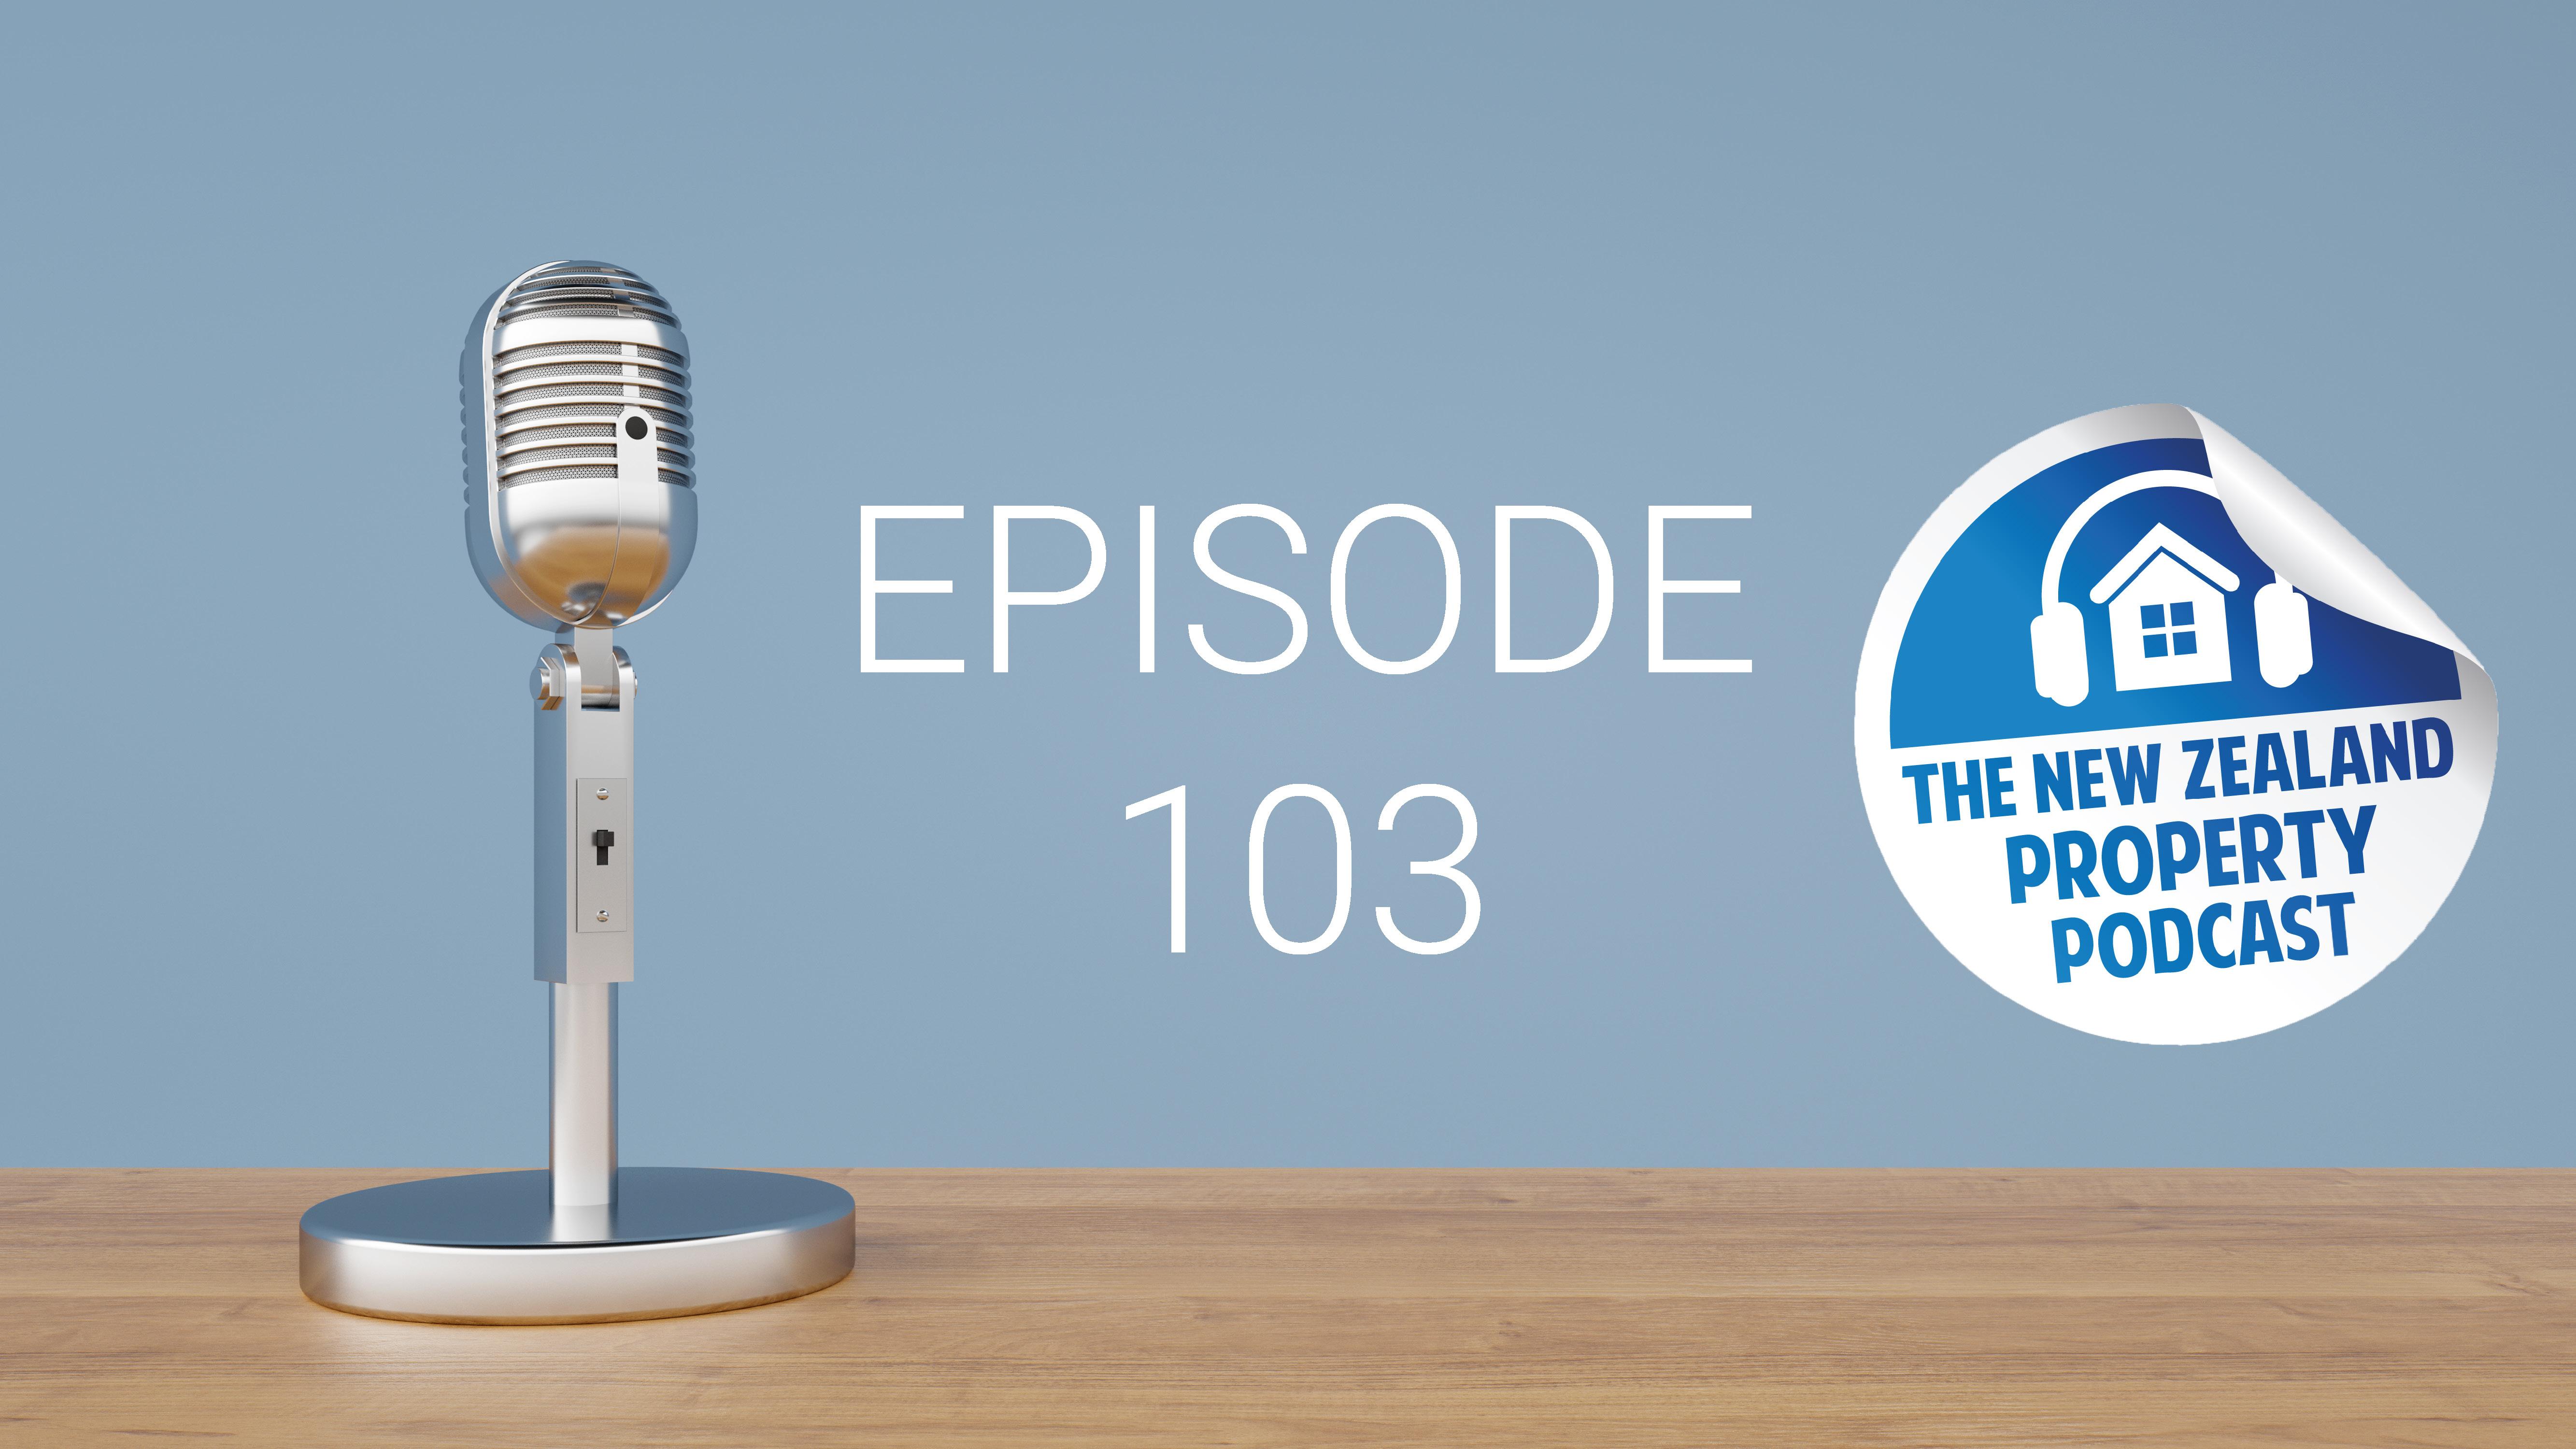 New Zealand Property Podcast Episode 103